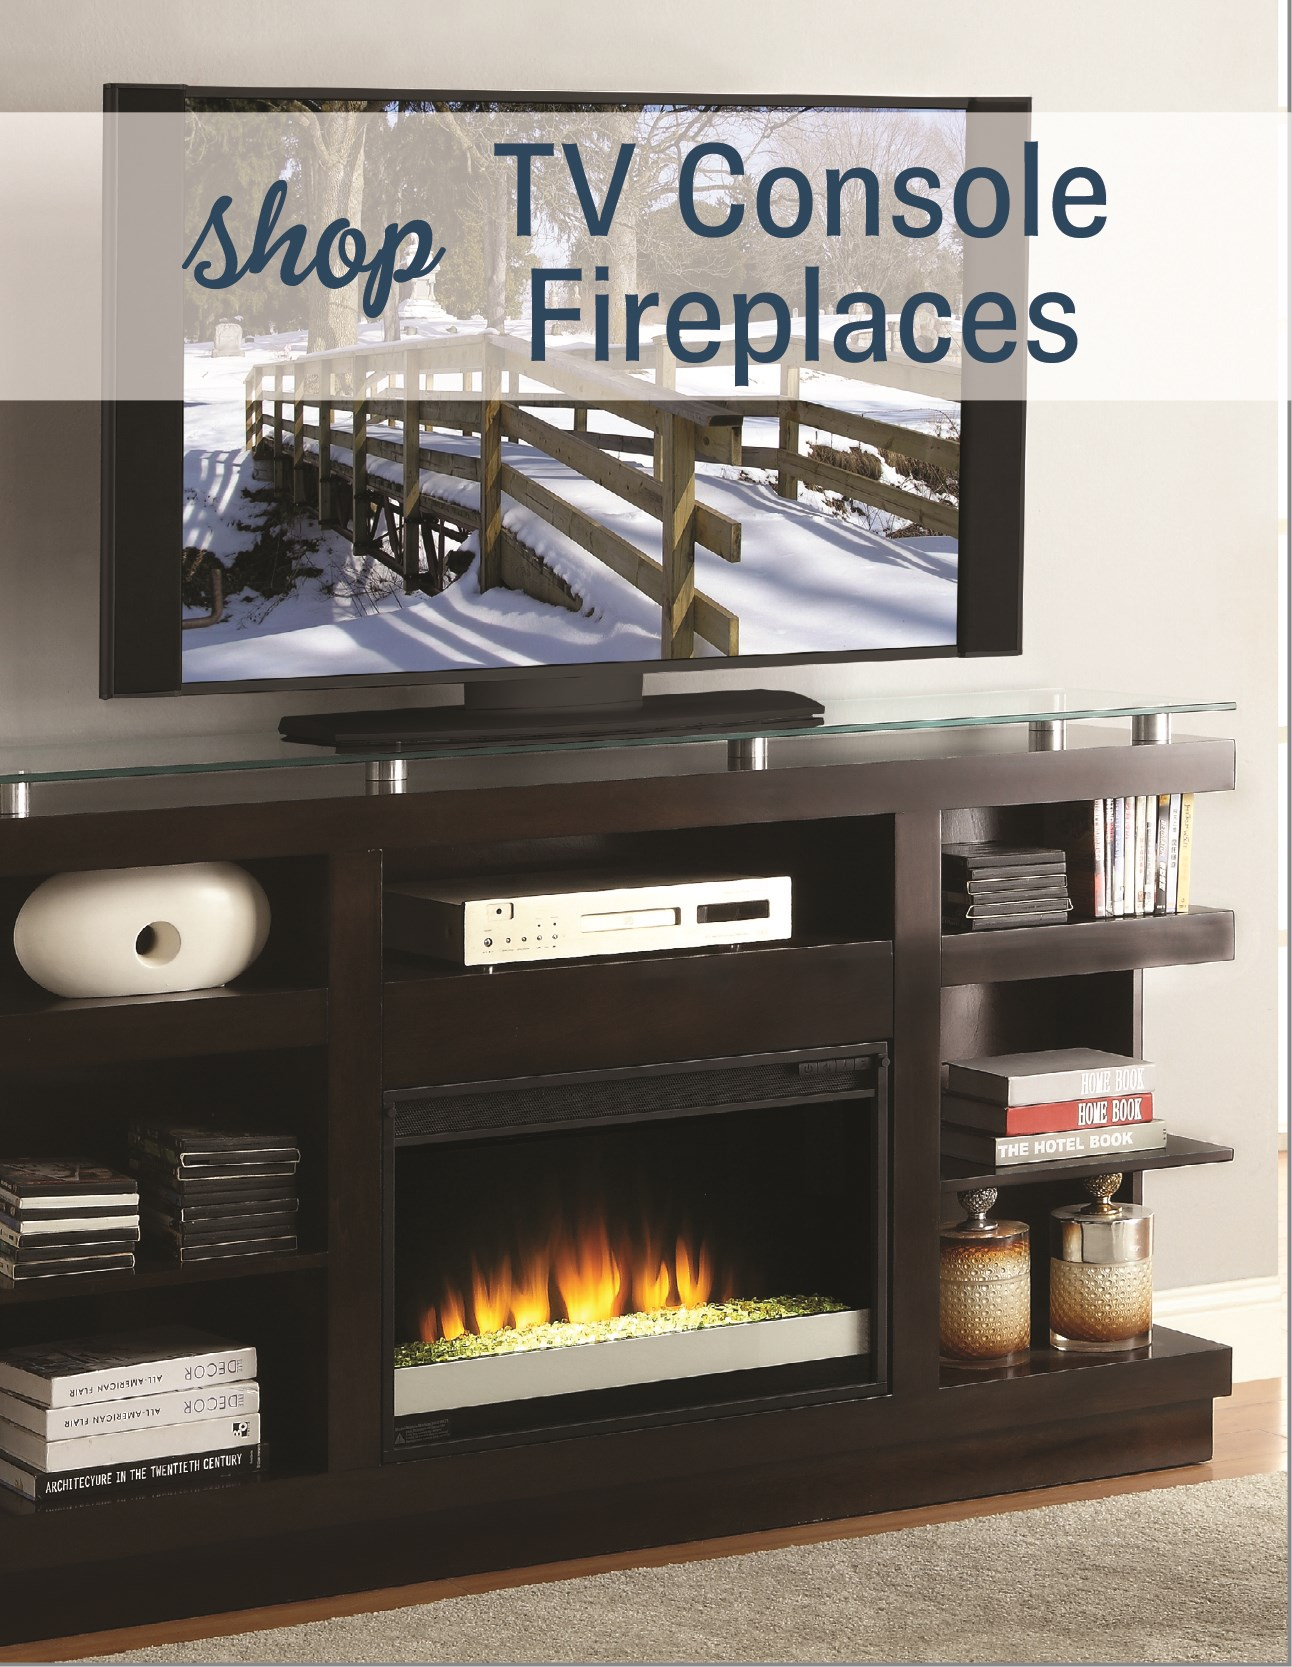 Shop TV Console Fireplaces